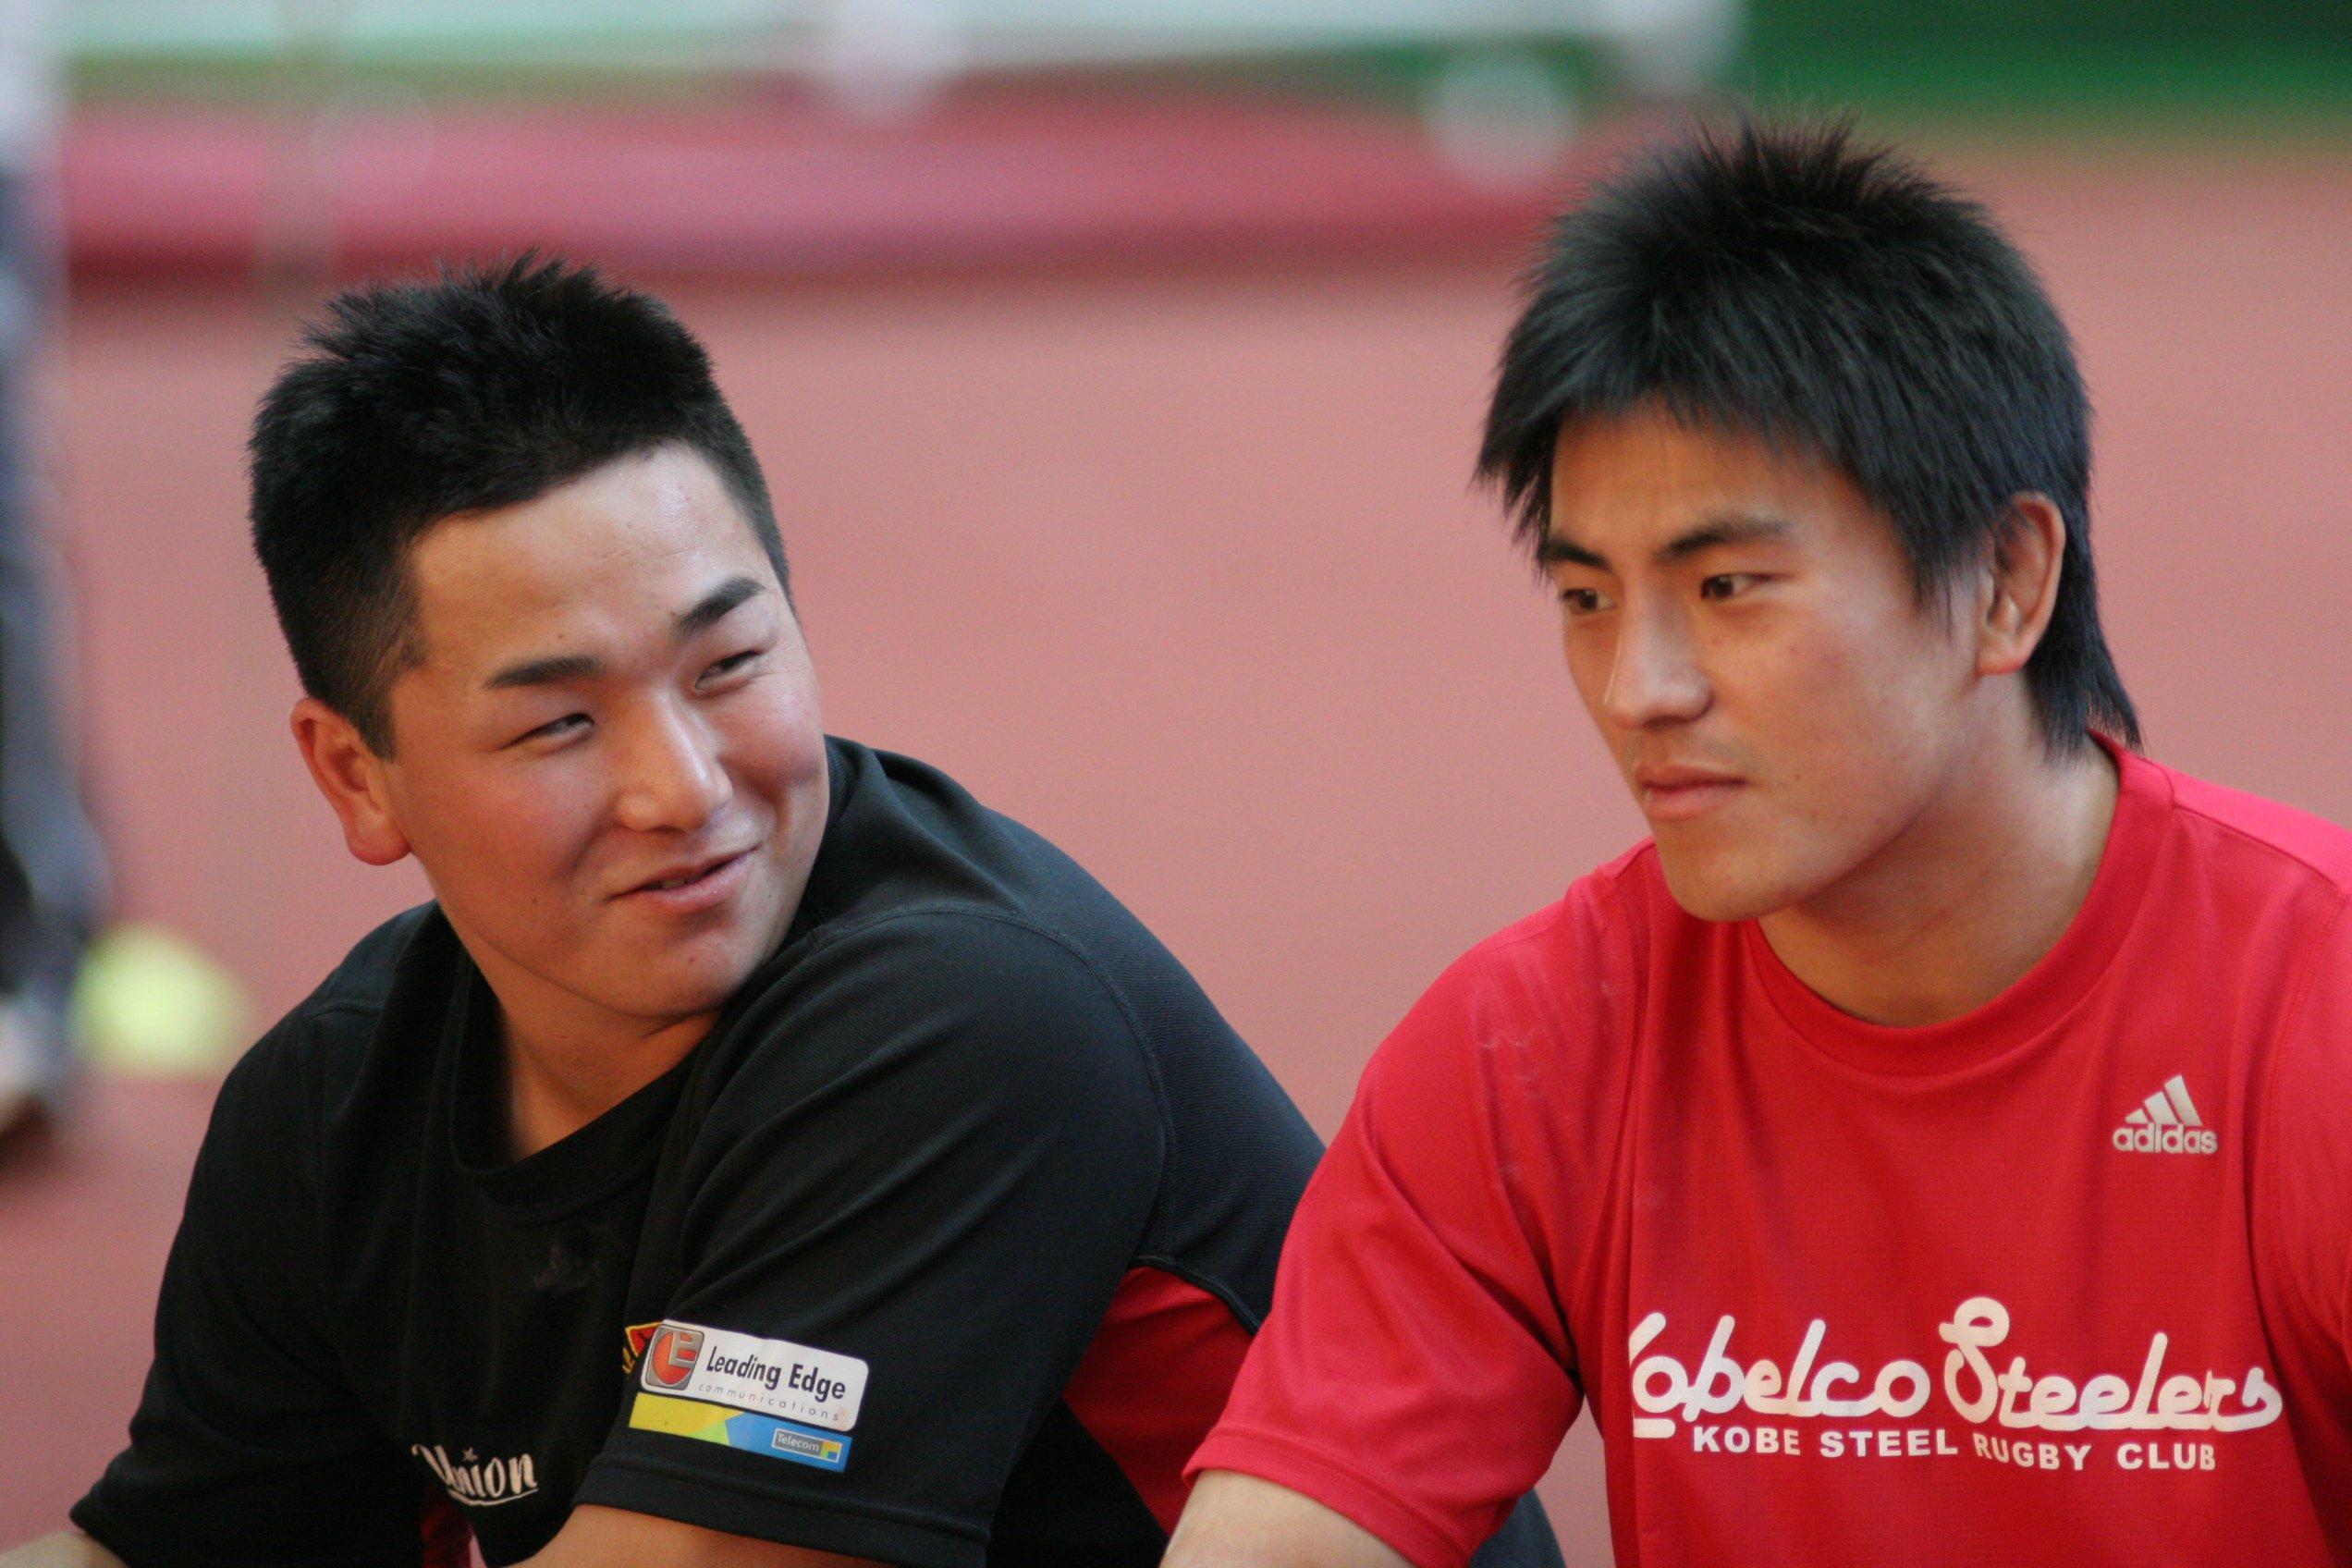 2007年2月、初めて参加した日本代表メディカルチェック。SH後藤翔太(右・現早大コーチ)と言葉をかわす小野晃征 ©︎Nobuhiko Otomo